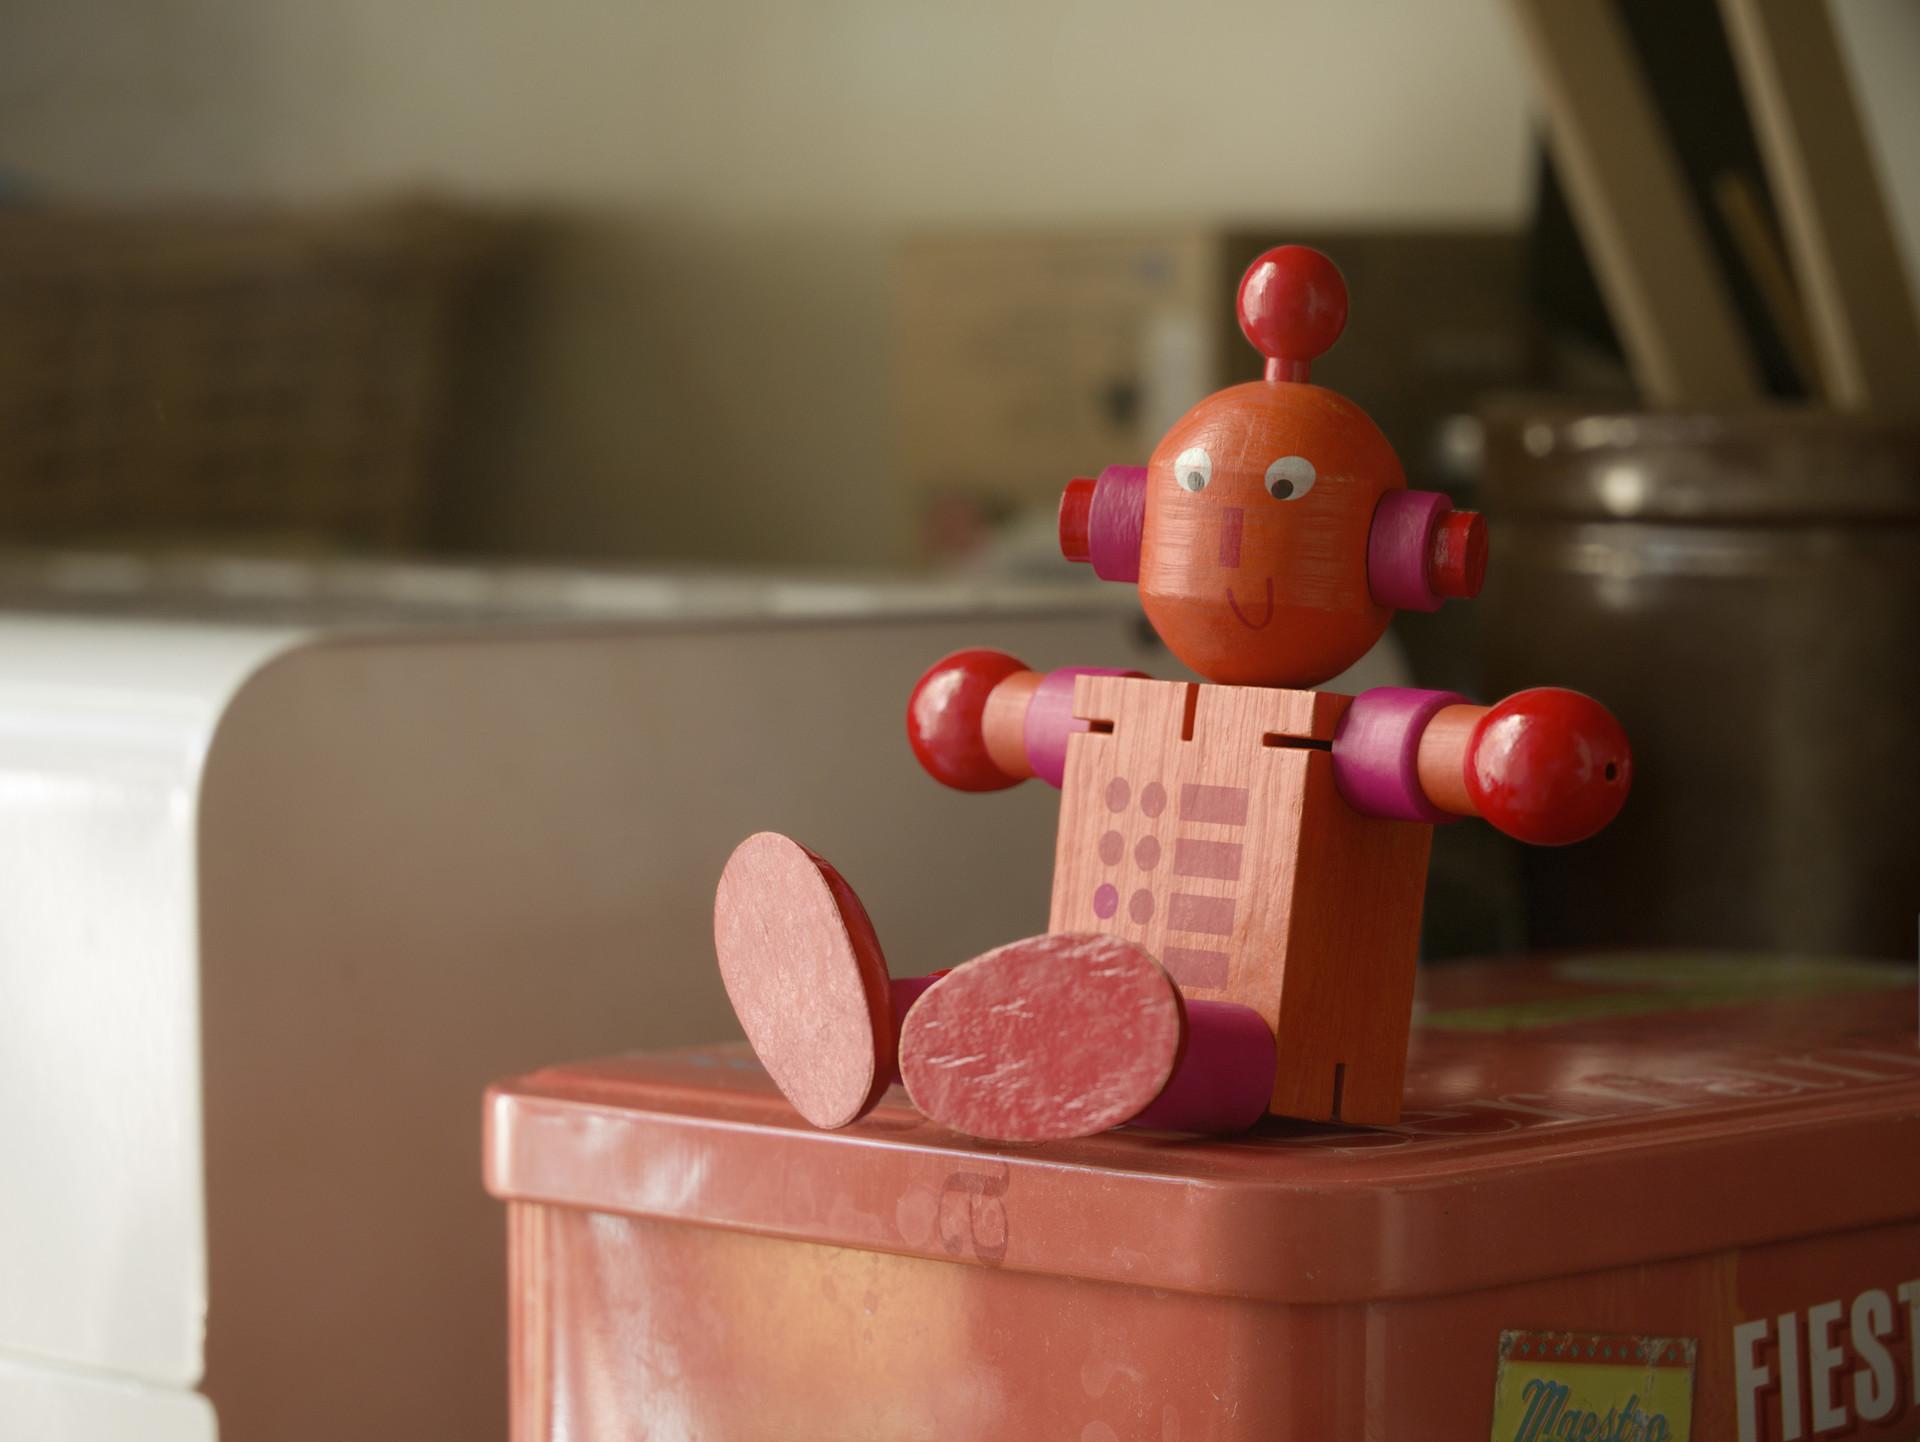 Peter kolus robotkuchnia r01 c01 v03 2k